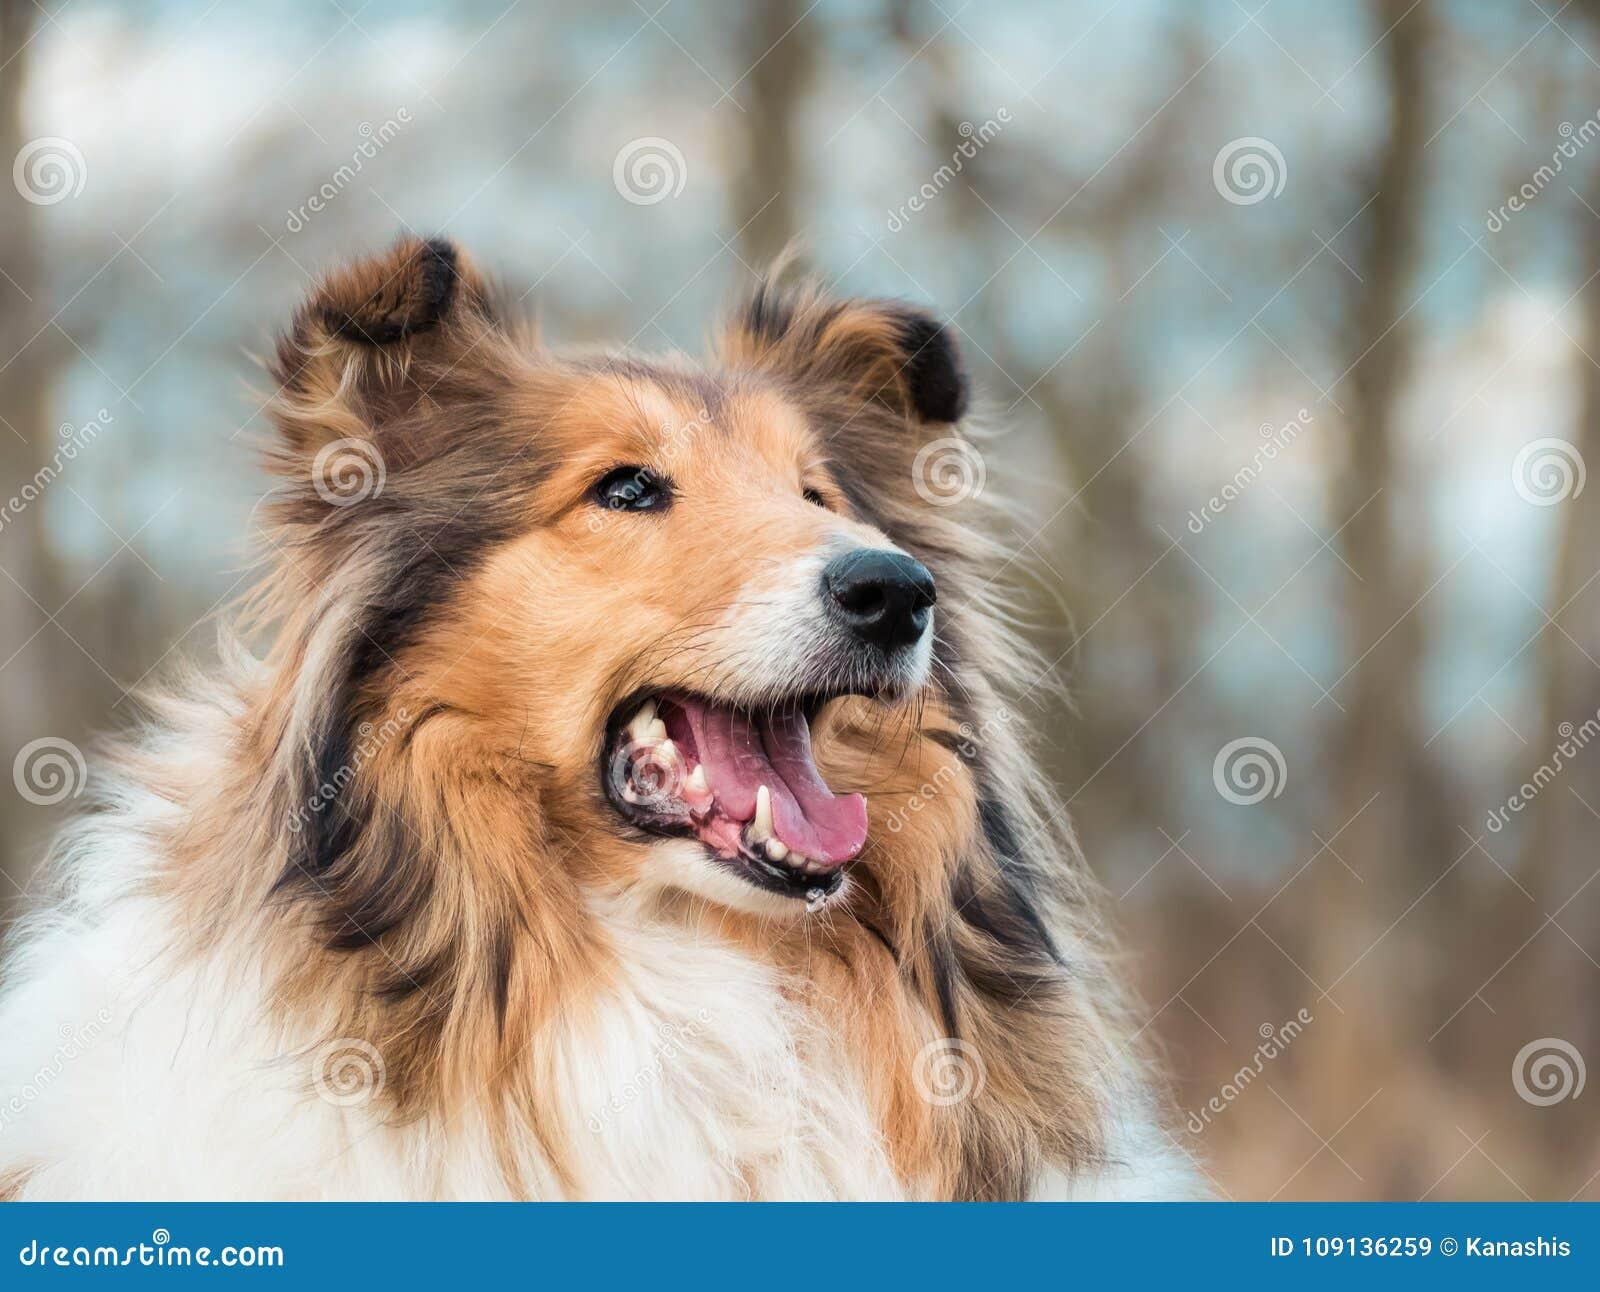 Portrait of a rough collie